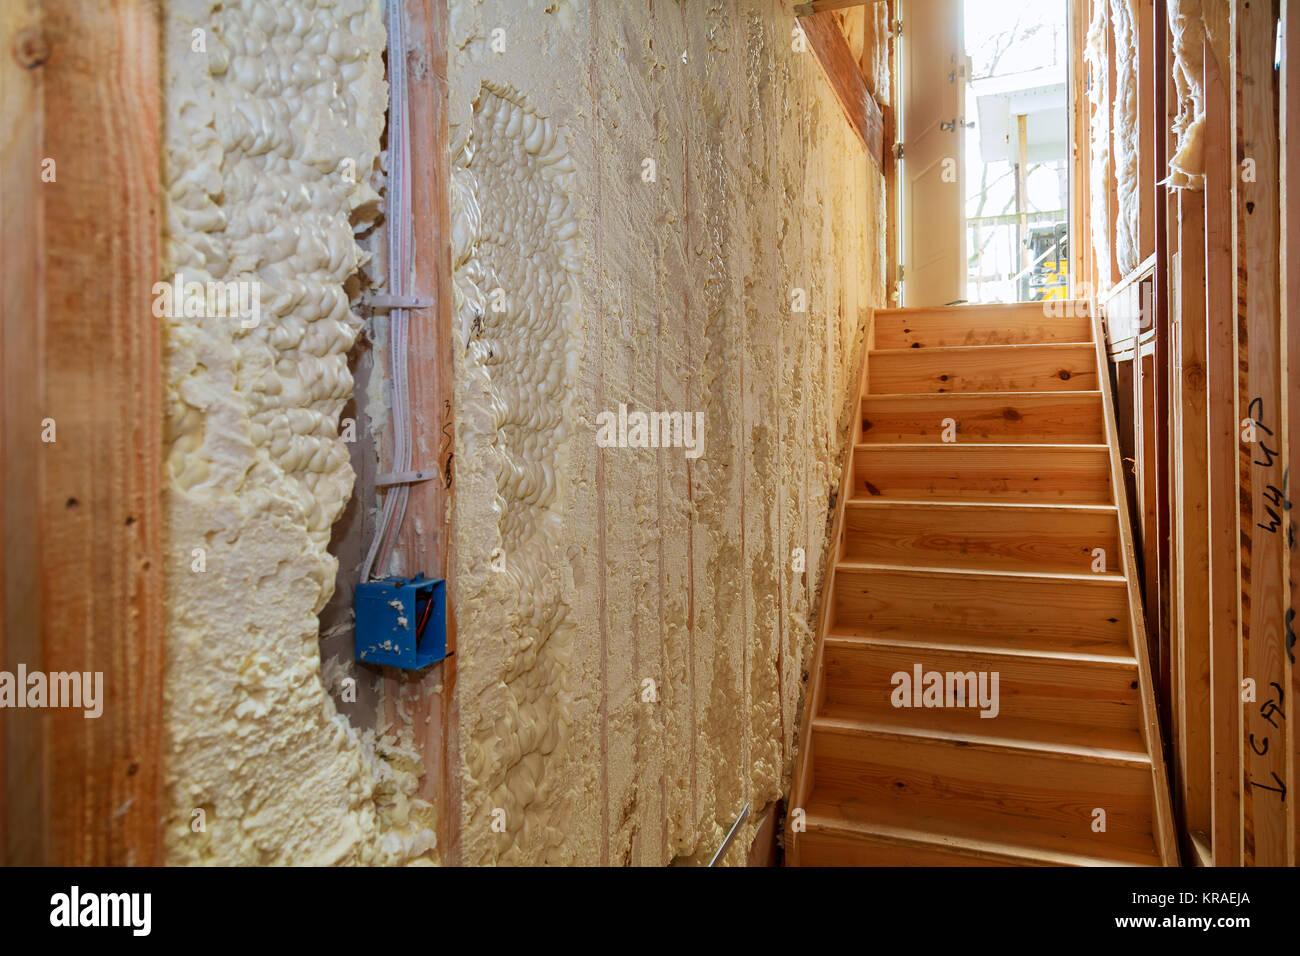 Thermische Und Hidro Isolierung Innen Wanddämmung In Holz  Haus, Gebäude Im  Bau Stockbild